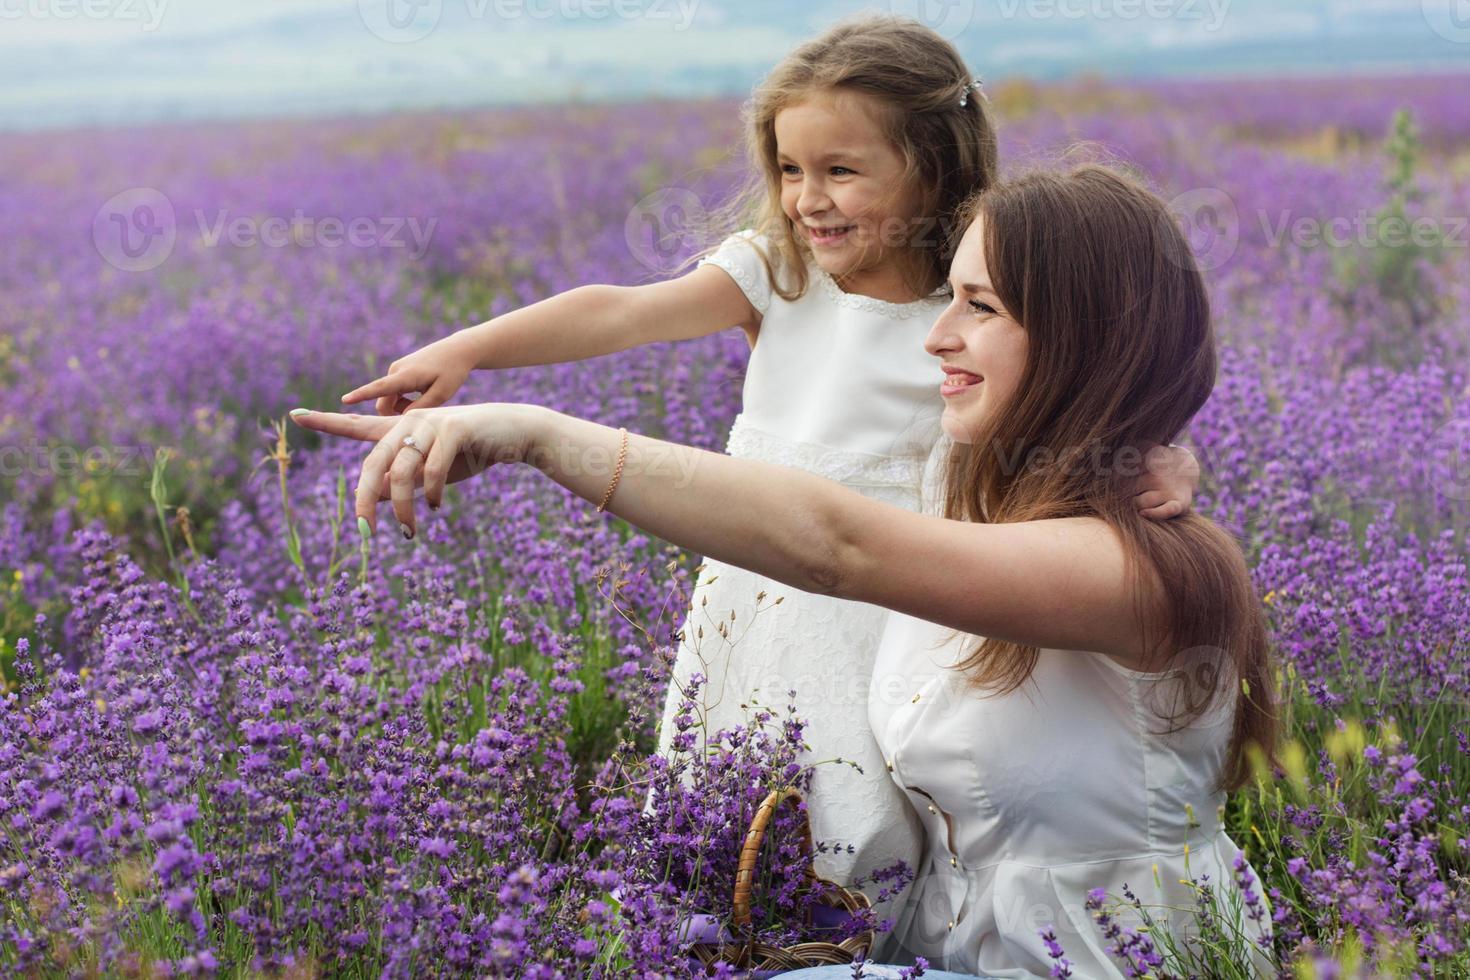 mère avec fille dans le champ de lavande tiennent panier photo